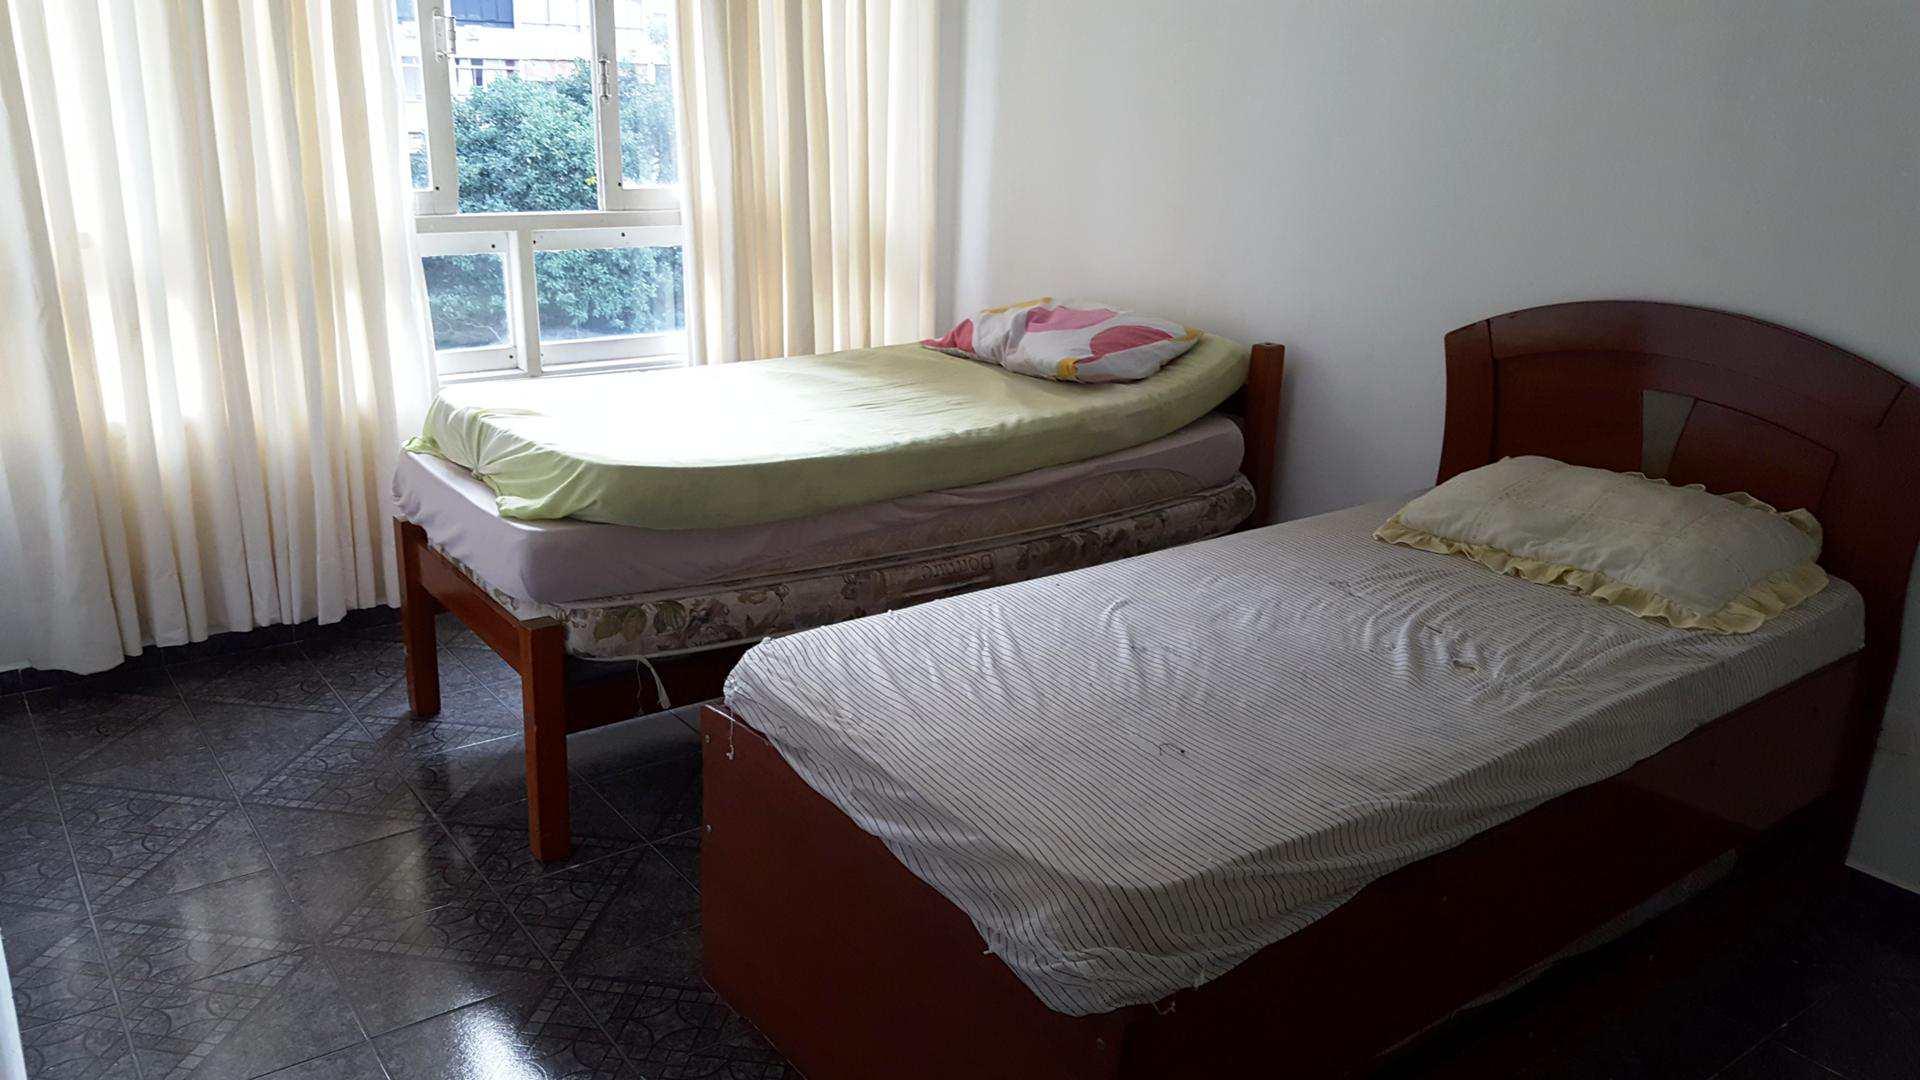 F - dorm (1)